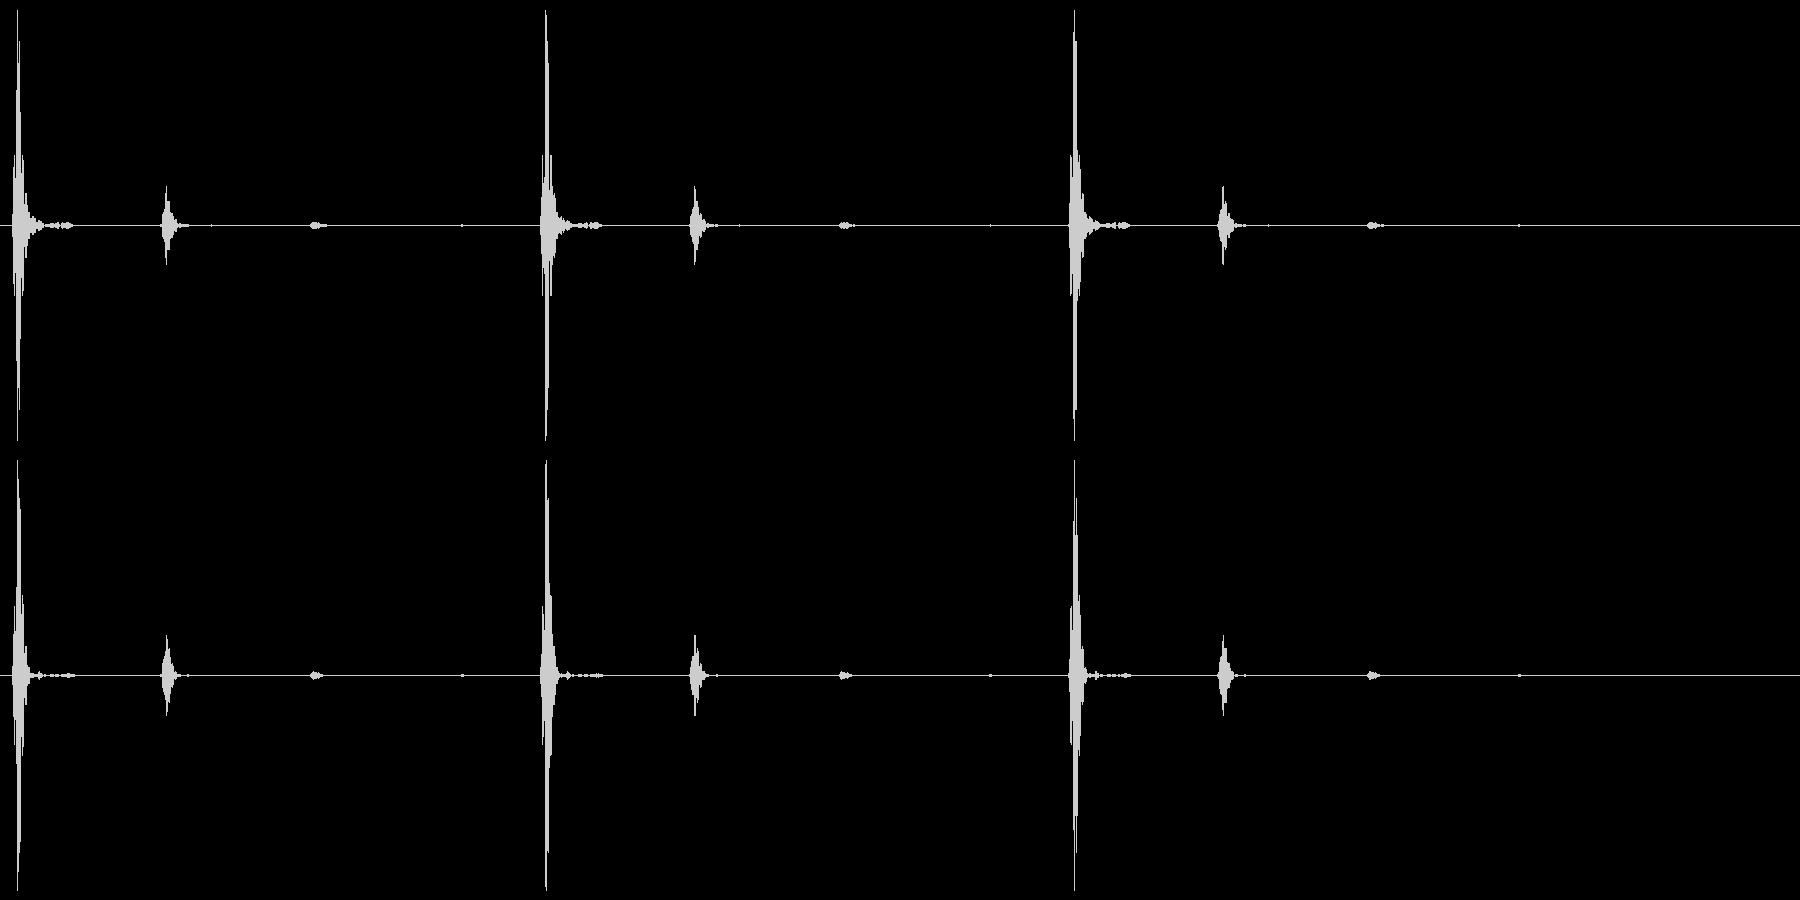 心臓の音 (トク…トク…トク…)の未再生の波形